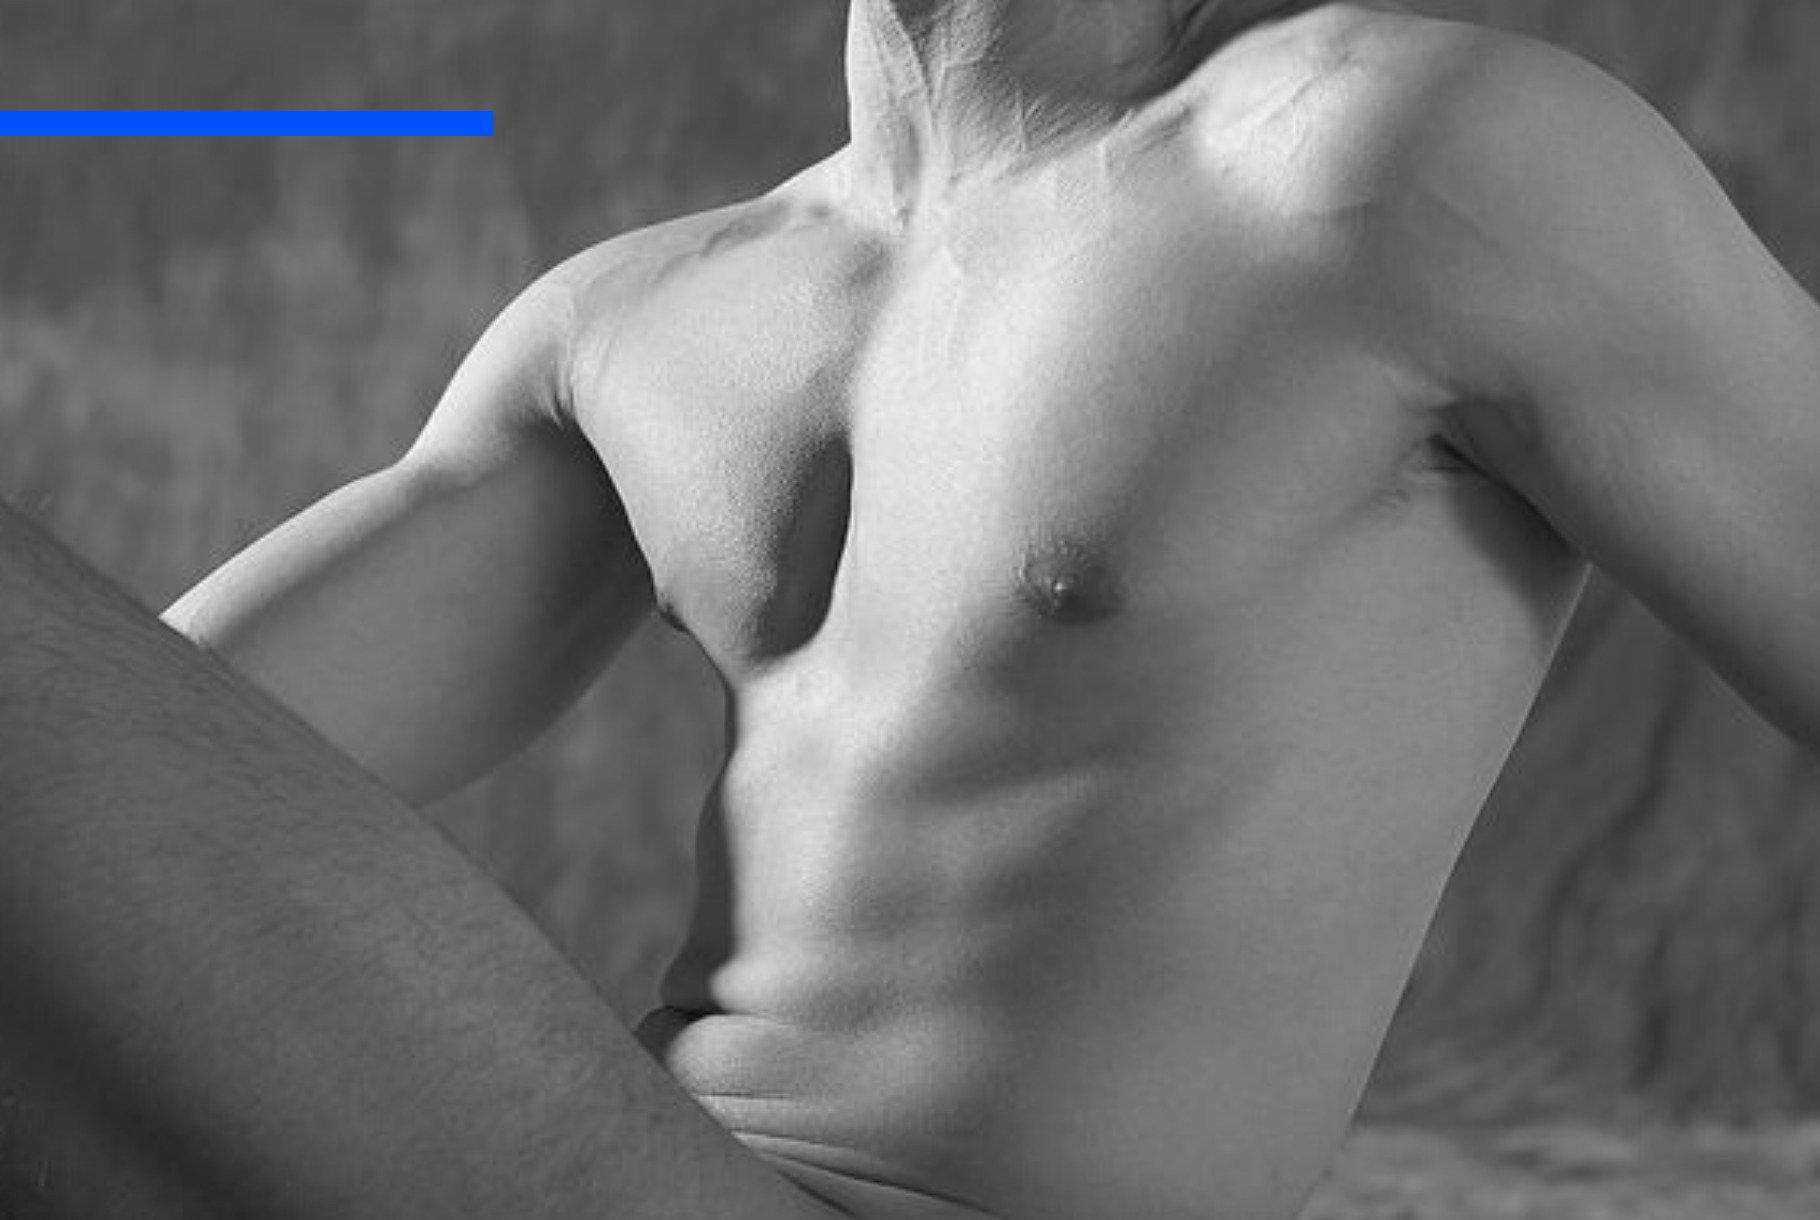 nervai atsakingi už erekciją yohimbe forte erekcija